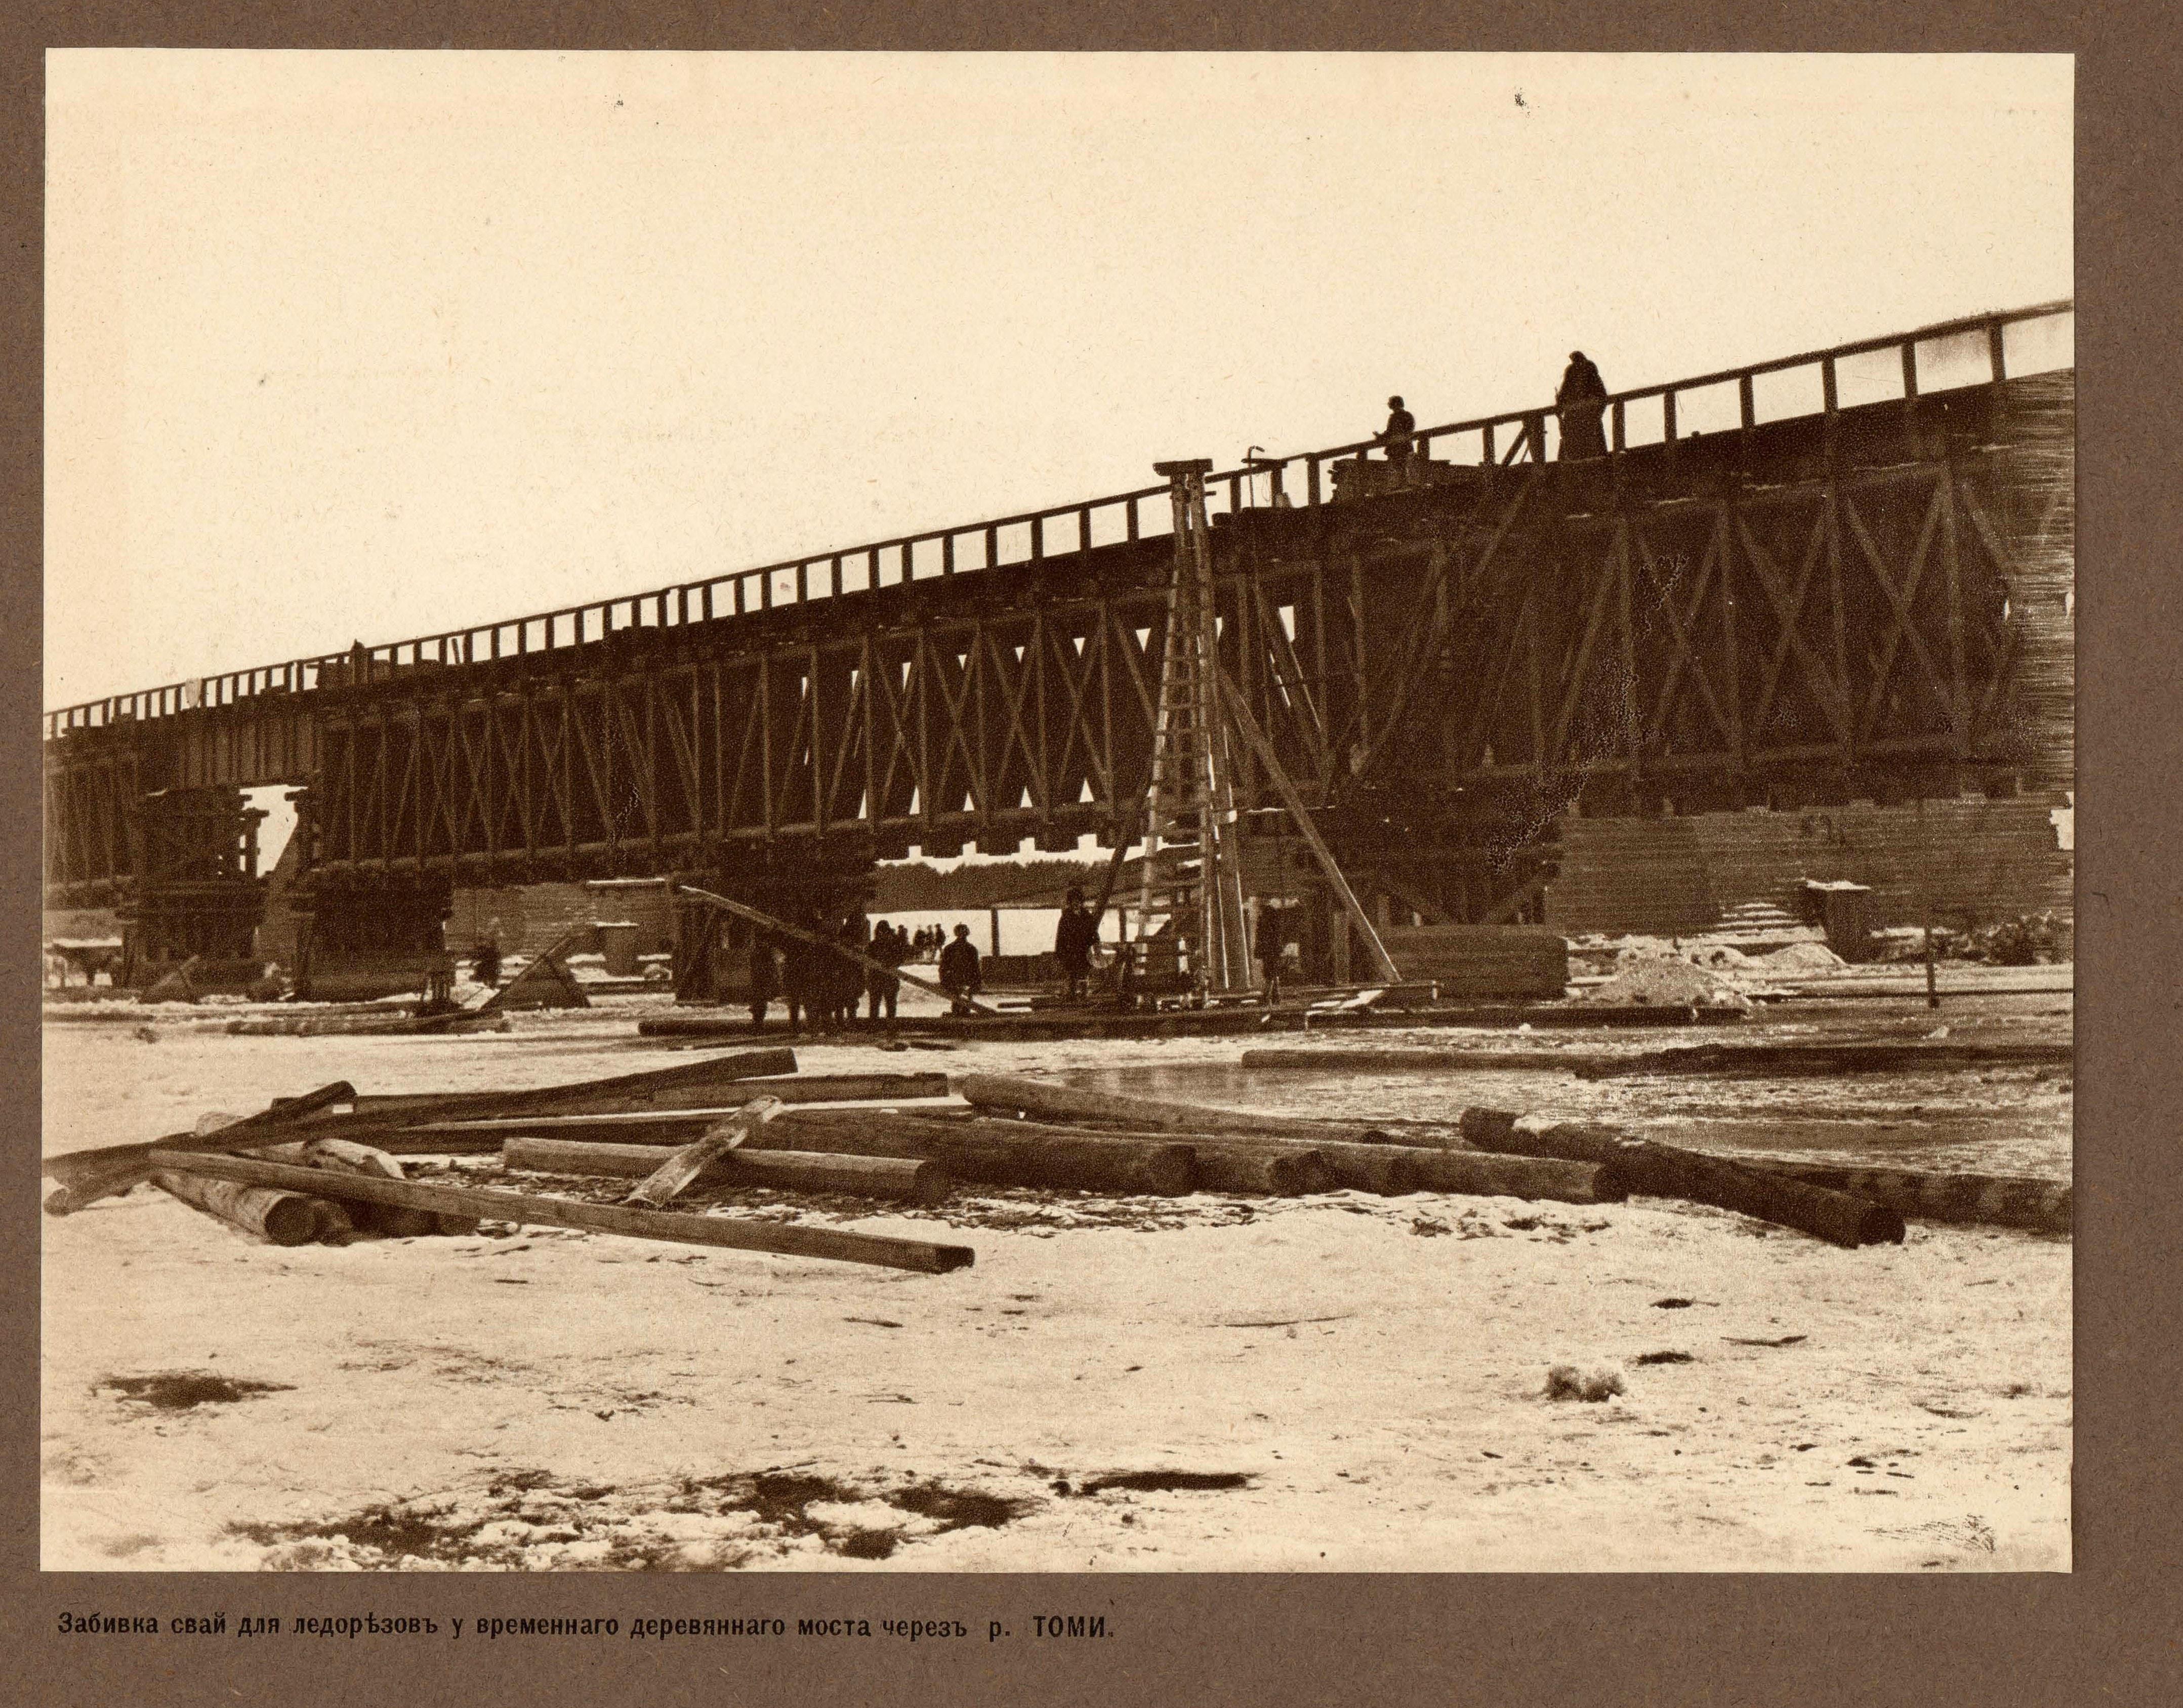 10. Река Томь. Забивка свай для ледорезов у временного деревянного моста